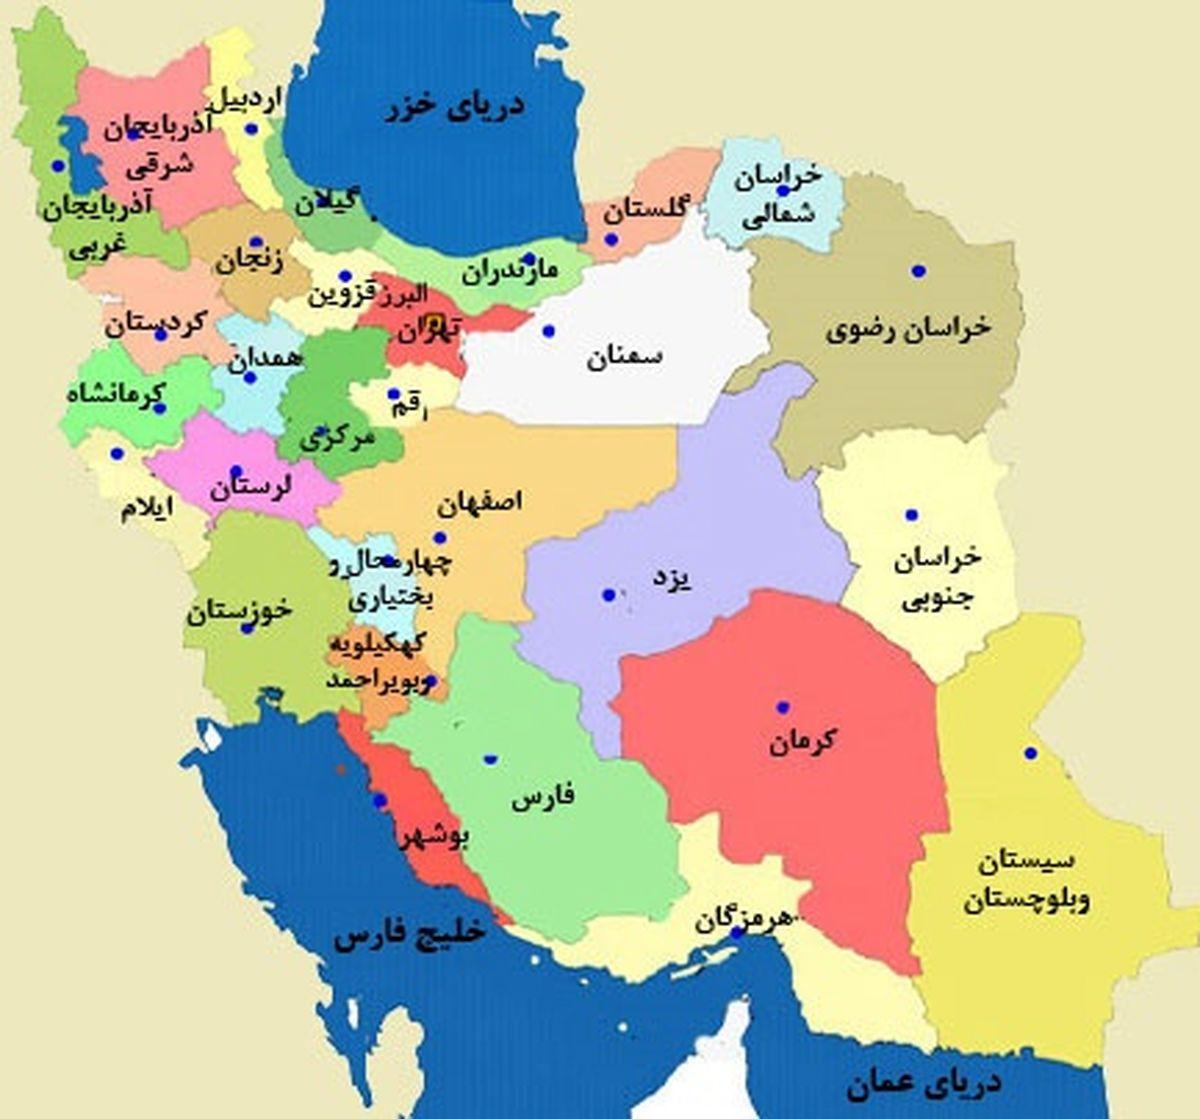 ایران سفید پوش شد +عکس